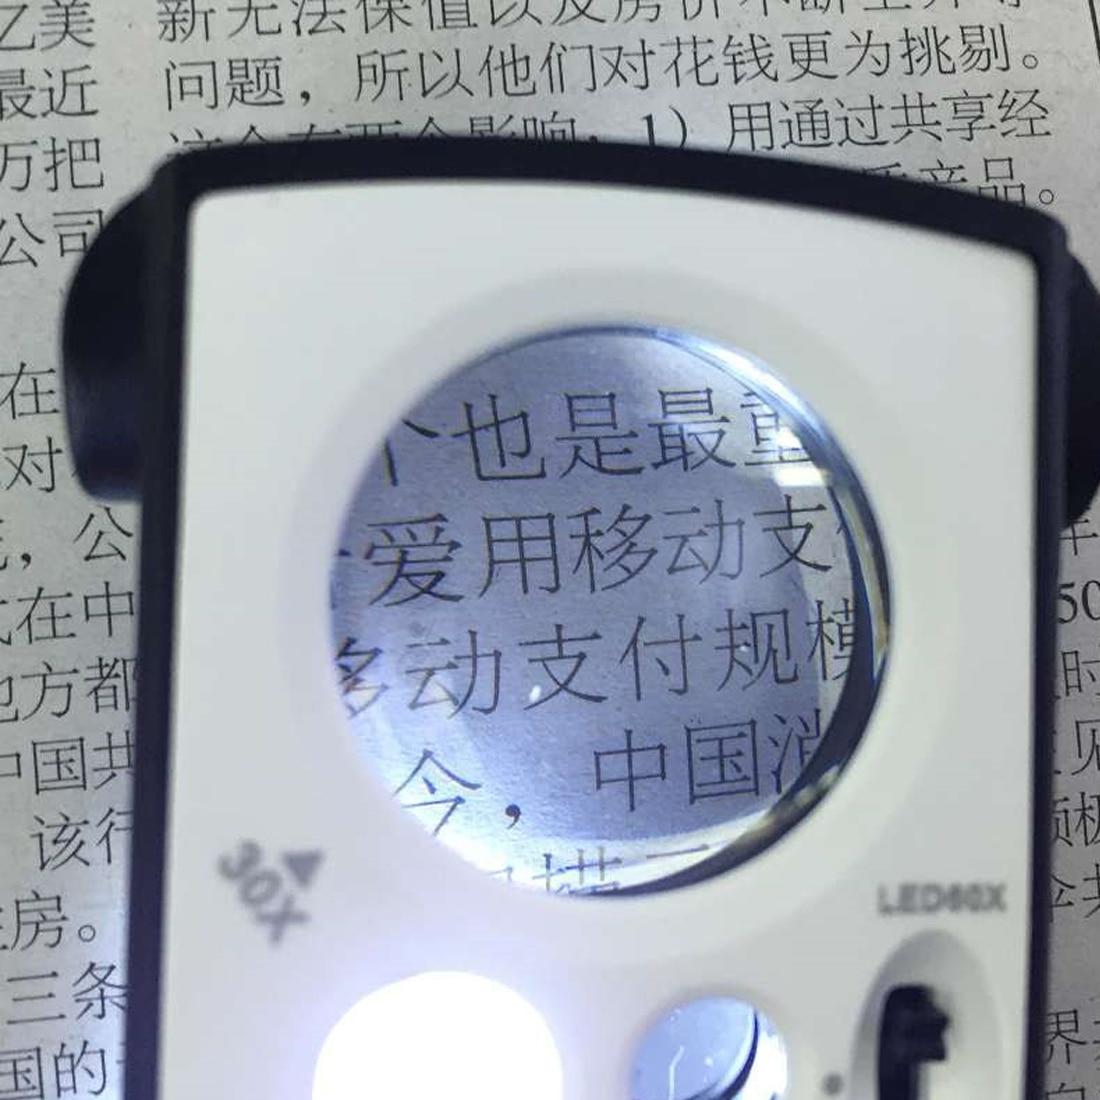 Lupa Iluminada de Precisi/ón con 30 Aumentos y 60 Aumentos Electr/ónica Rey/® Doble Lupa LED 30x y 60x